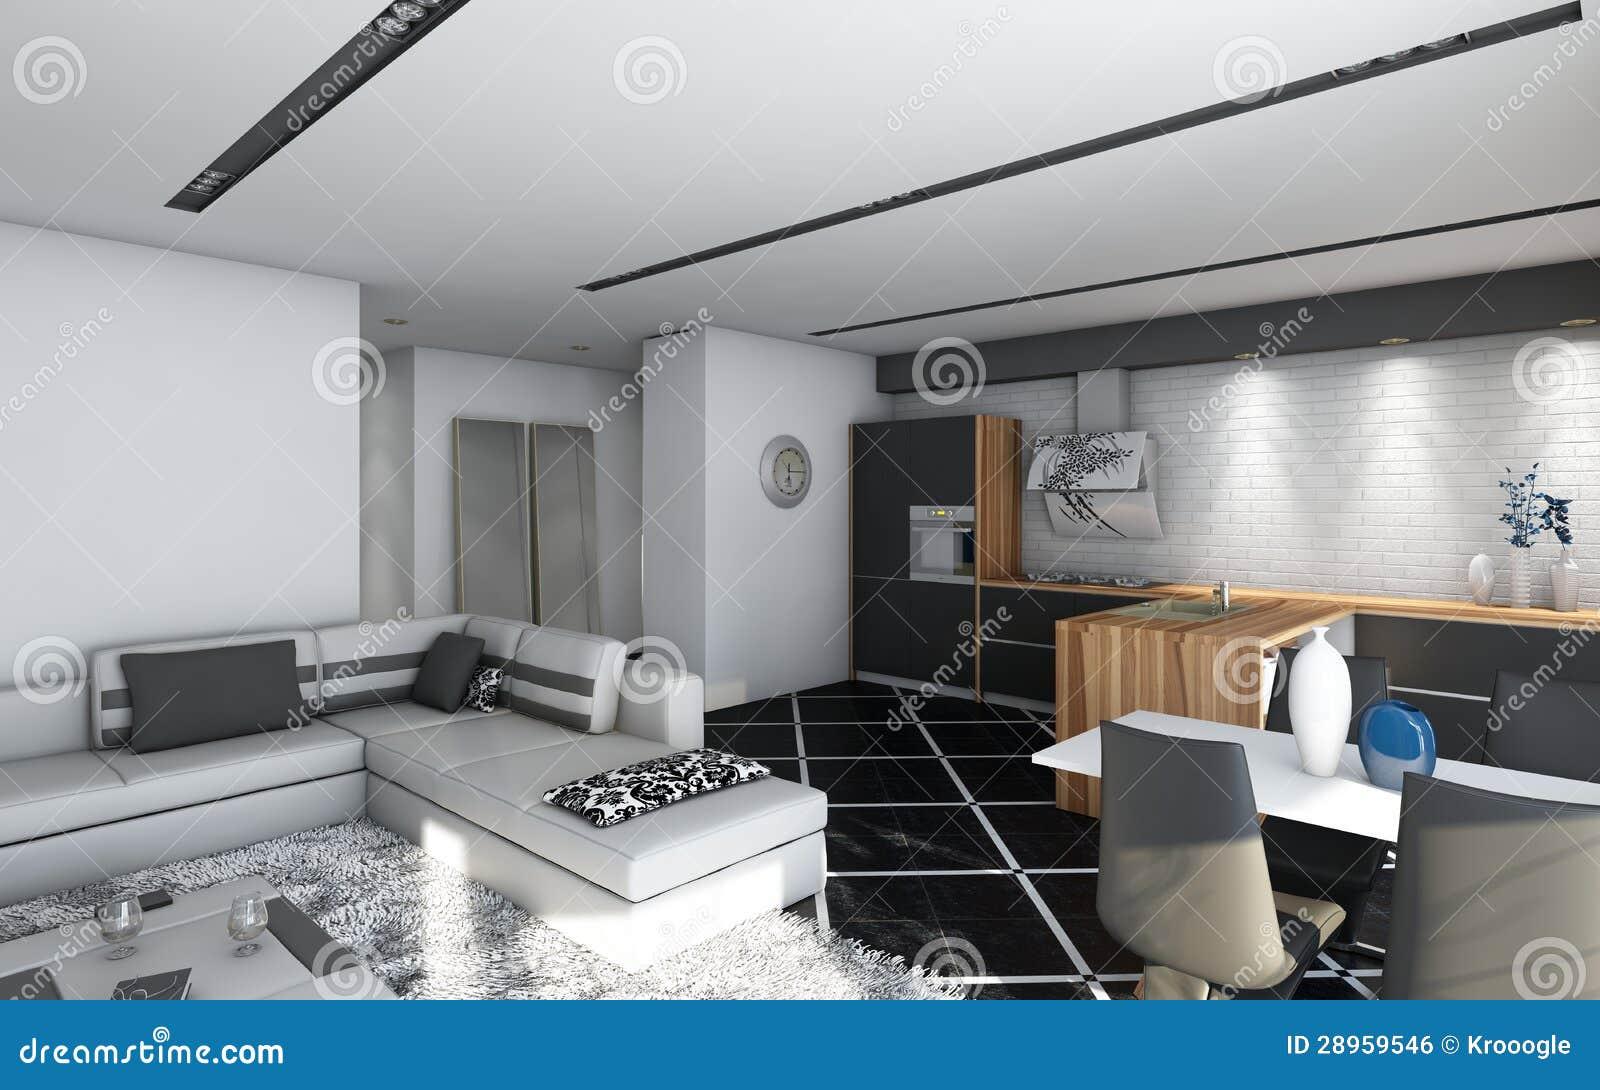 Zwarte keuken royalty vrije stock afbeelding   afbeelding: 28959546